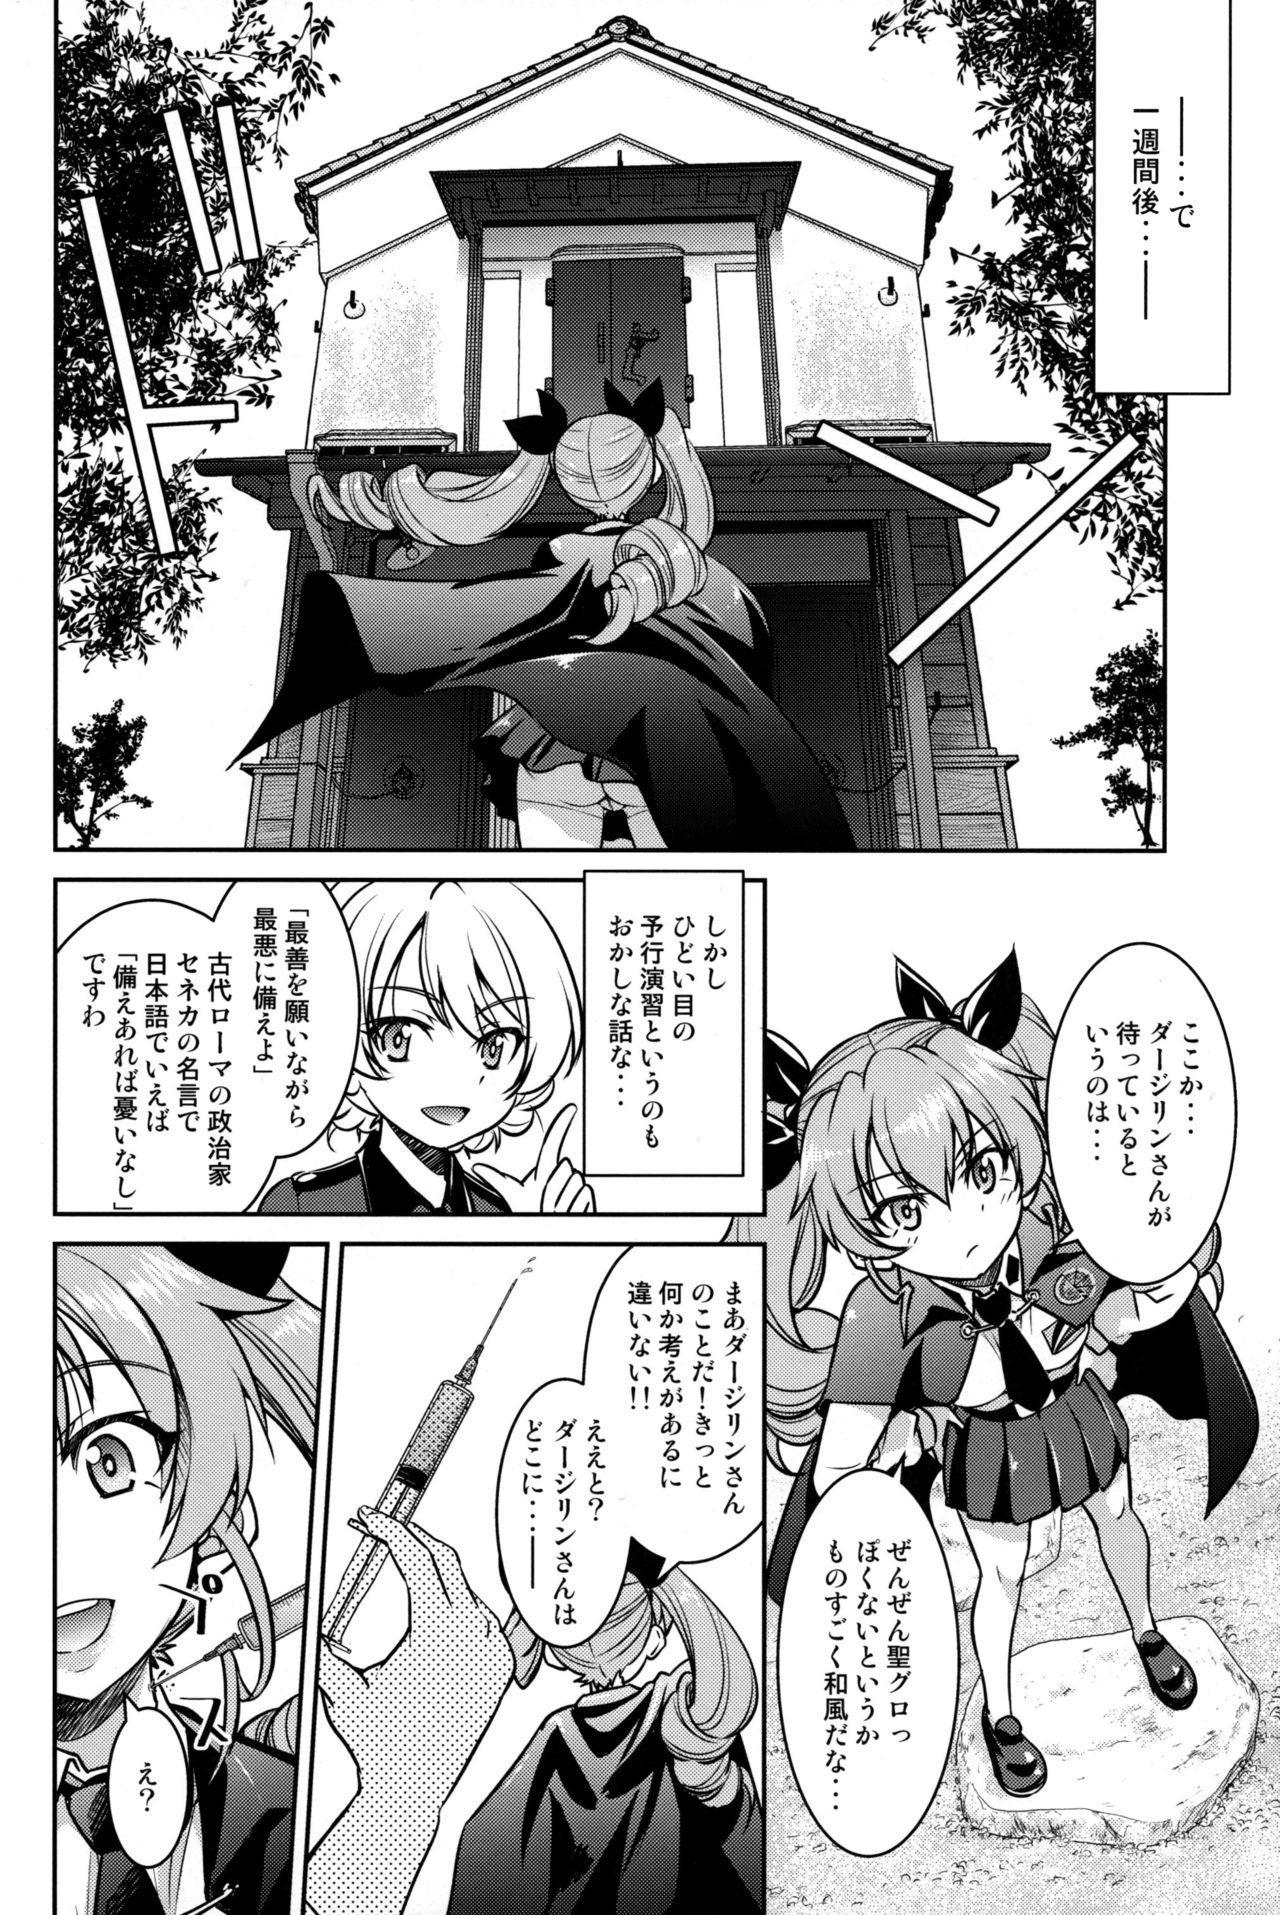 Nawashi Dar-sama Duce o Duce suru 4